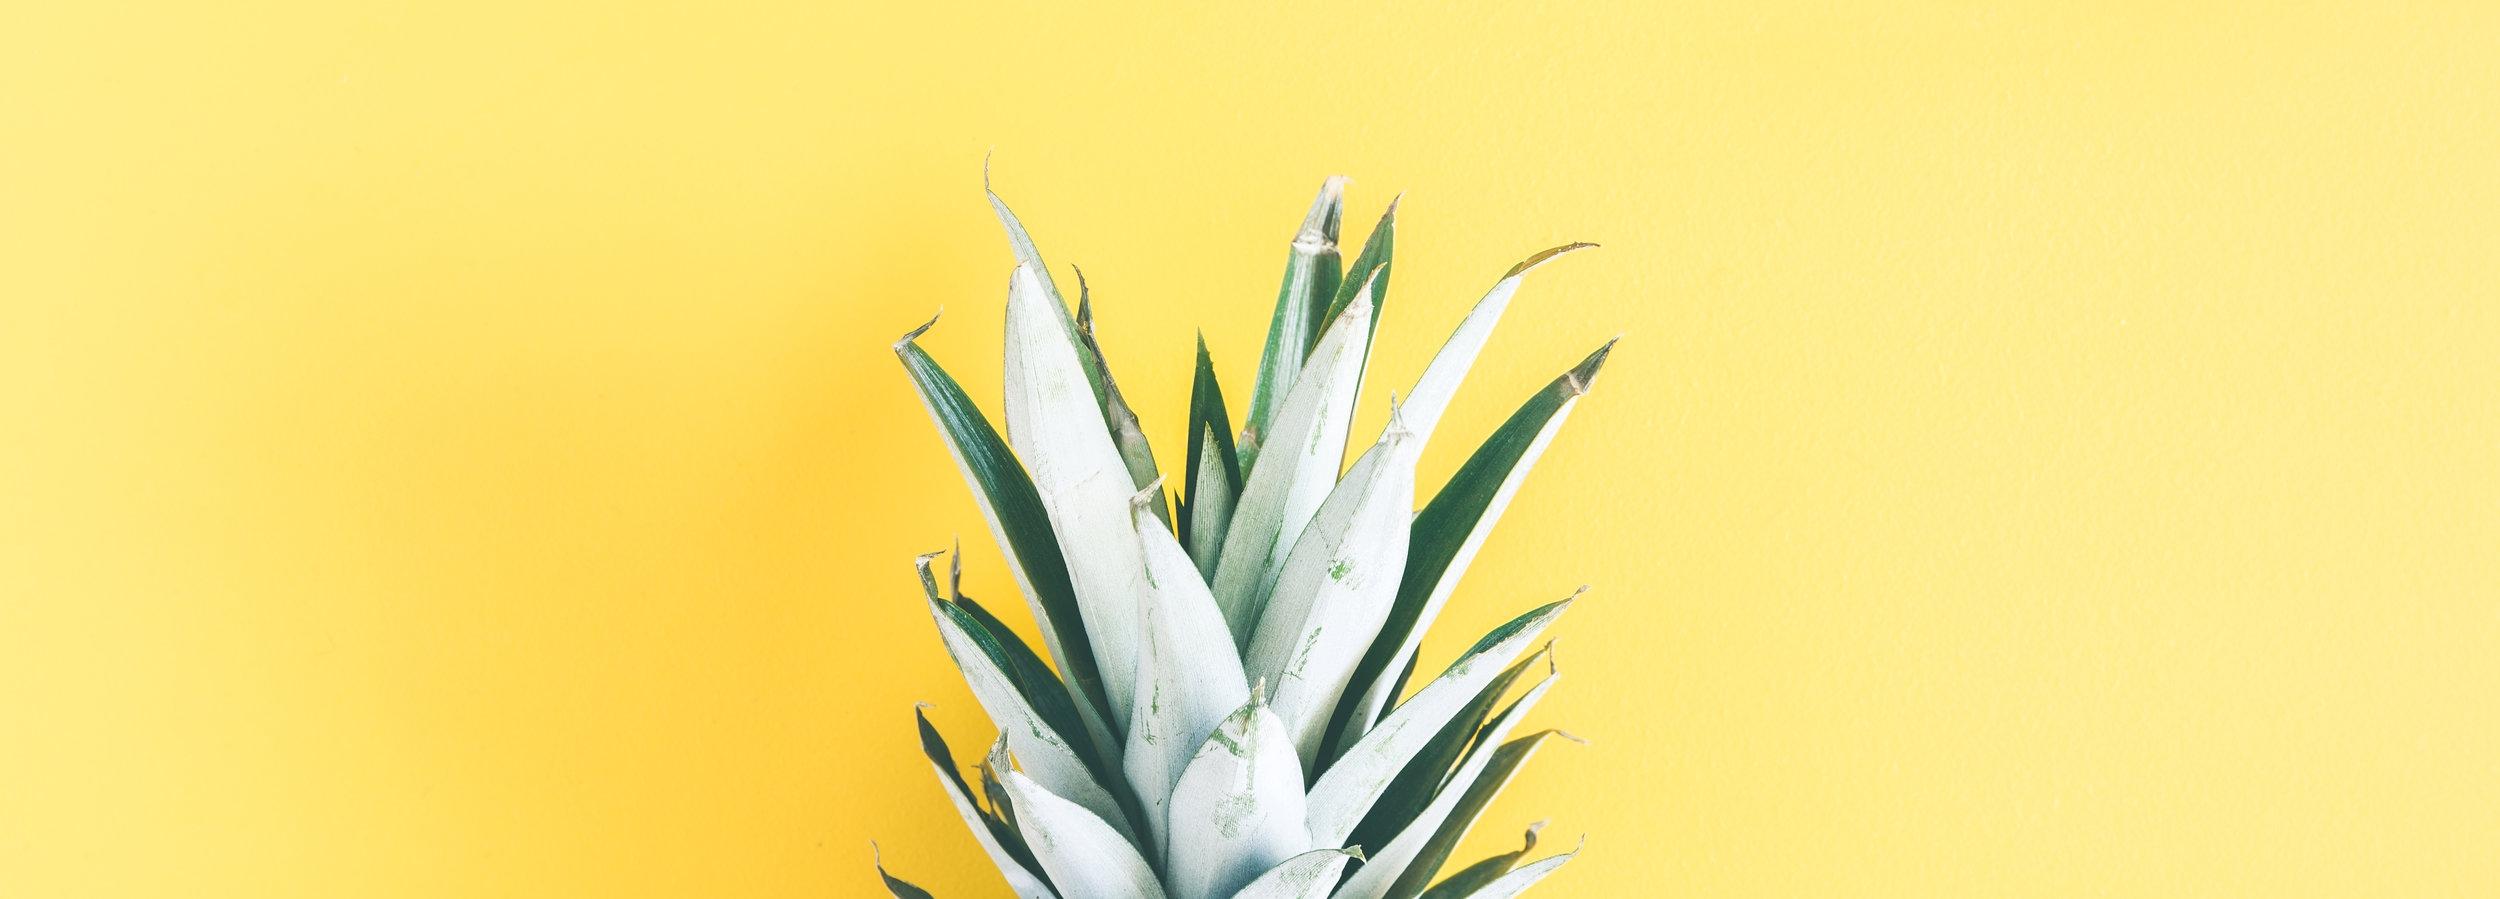 pineapplepropagationjpg